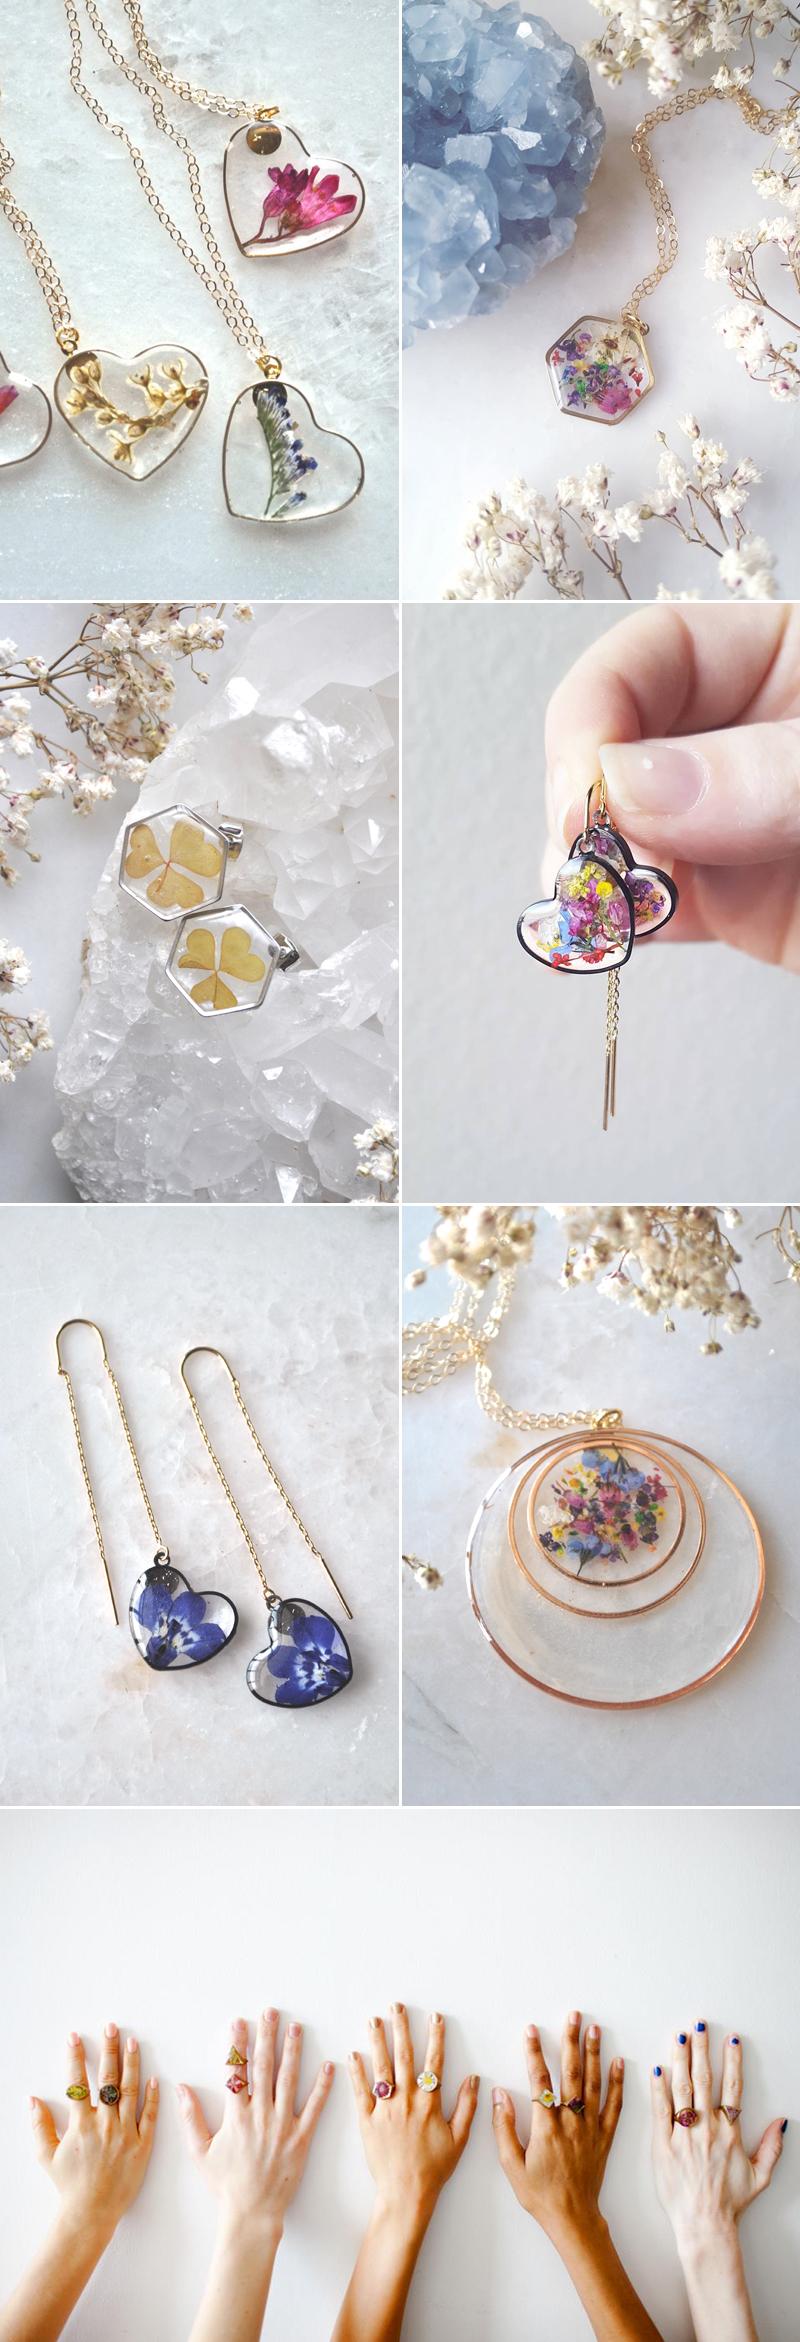 flowerjewelry03-PressedFlowers (DuplikaJewelry)